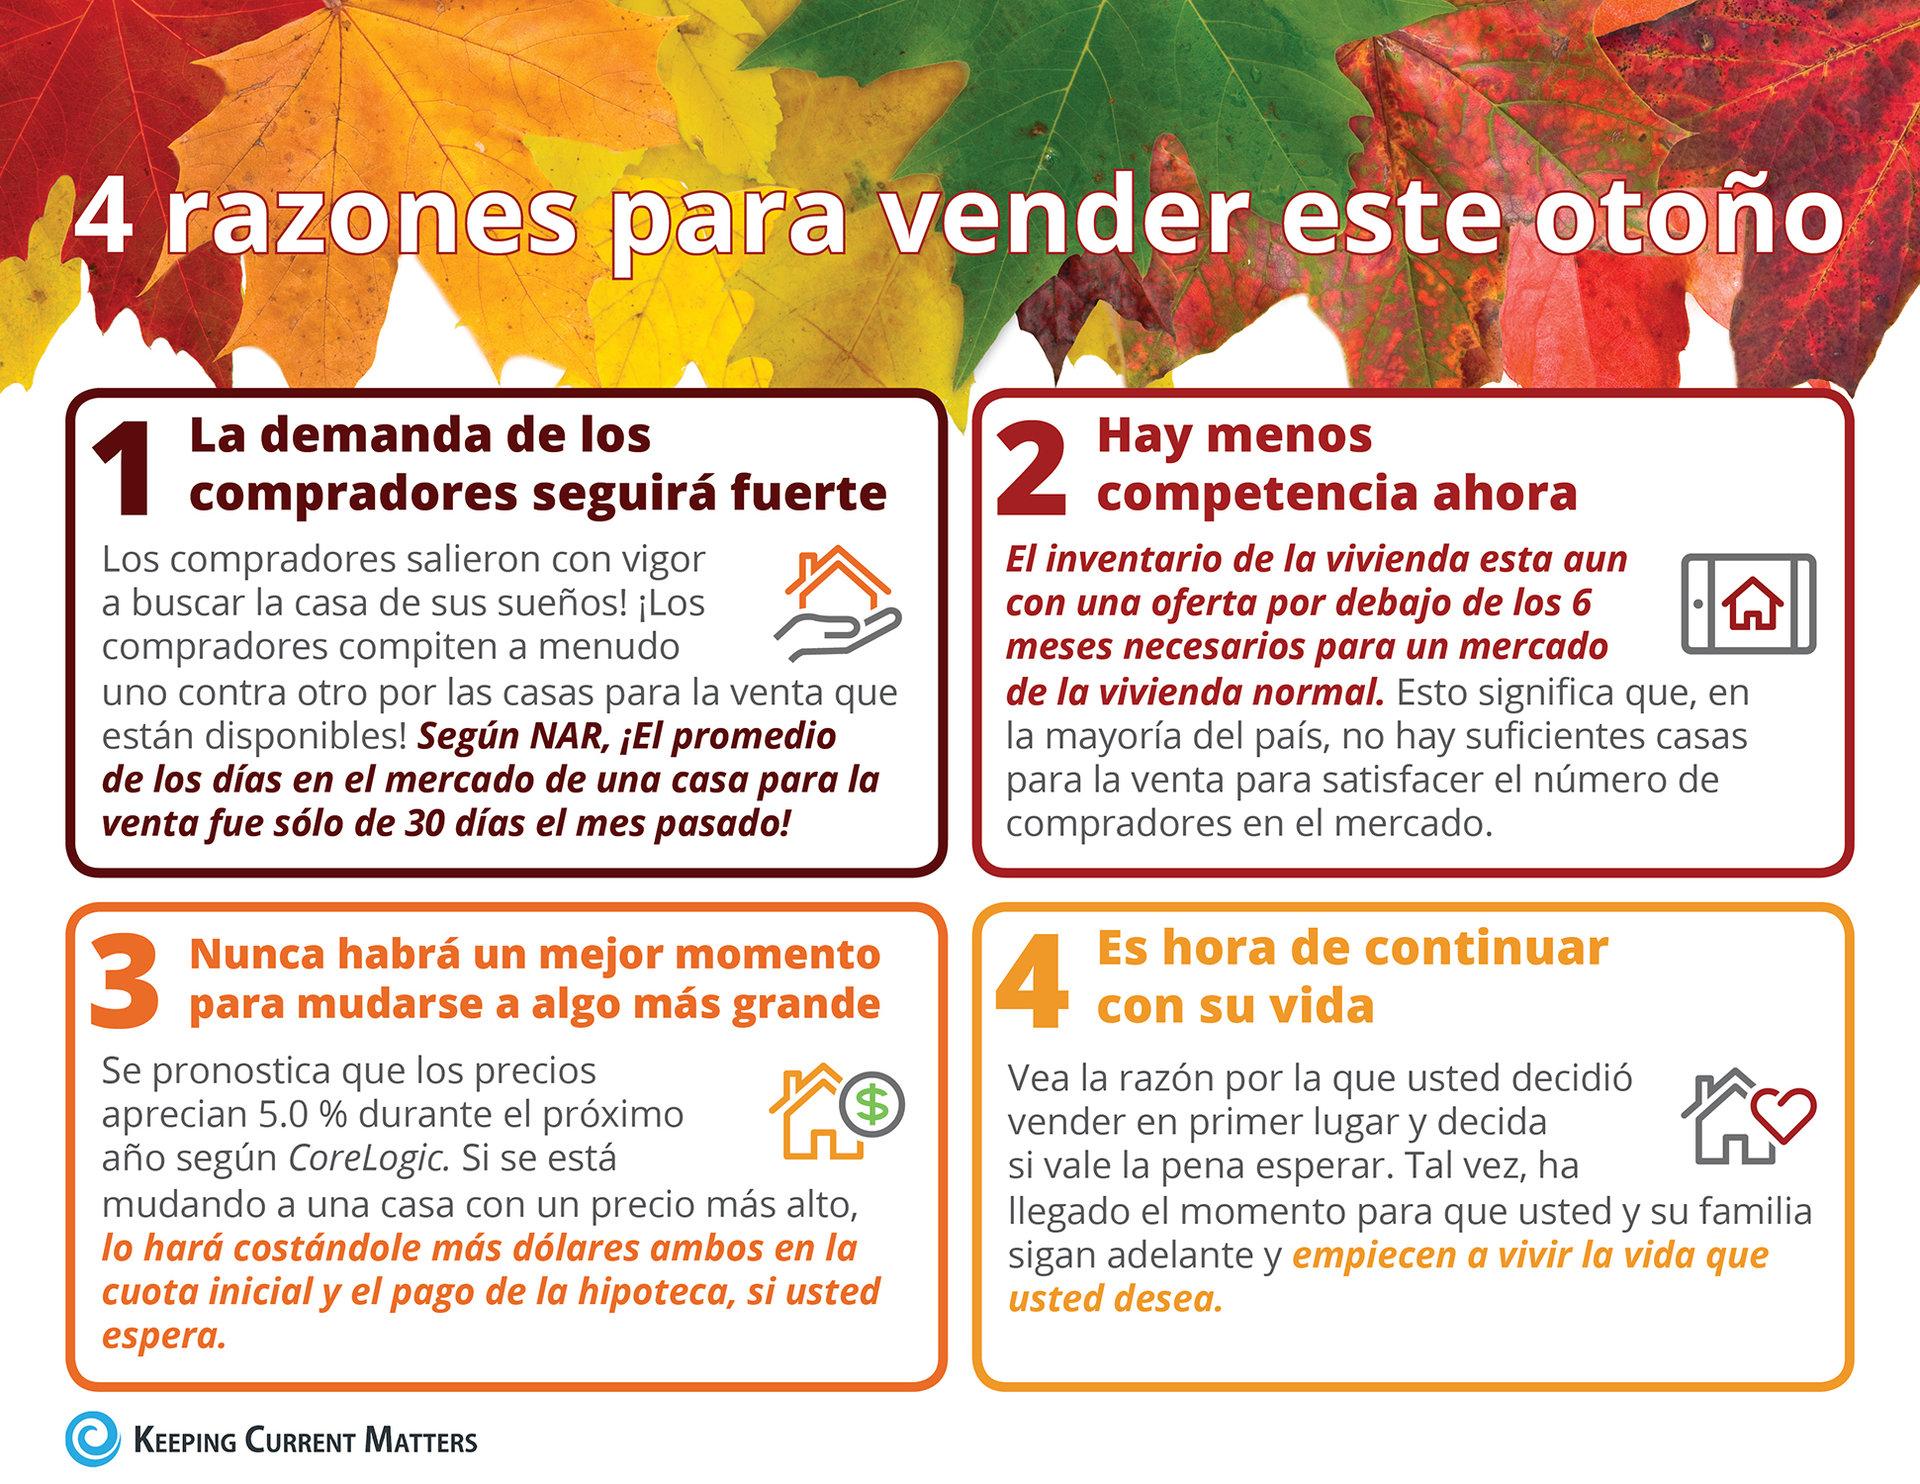 4 razones para vender este otoño [Infografía] | Keeping Current Matters